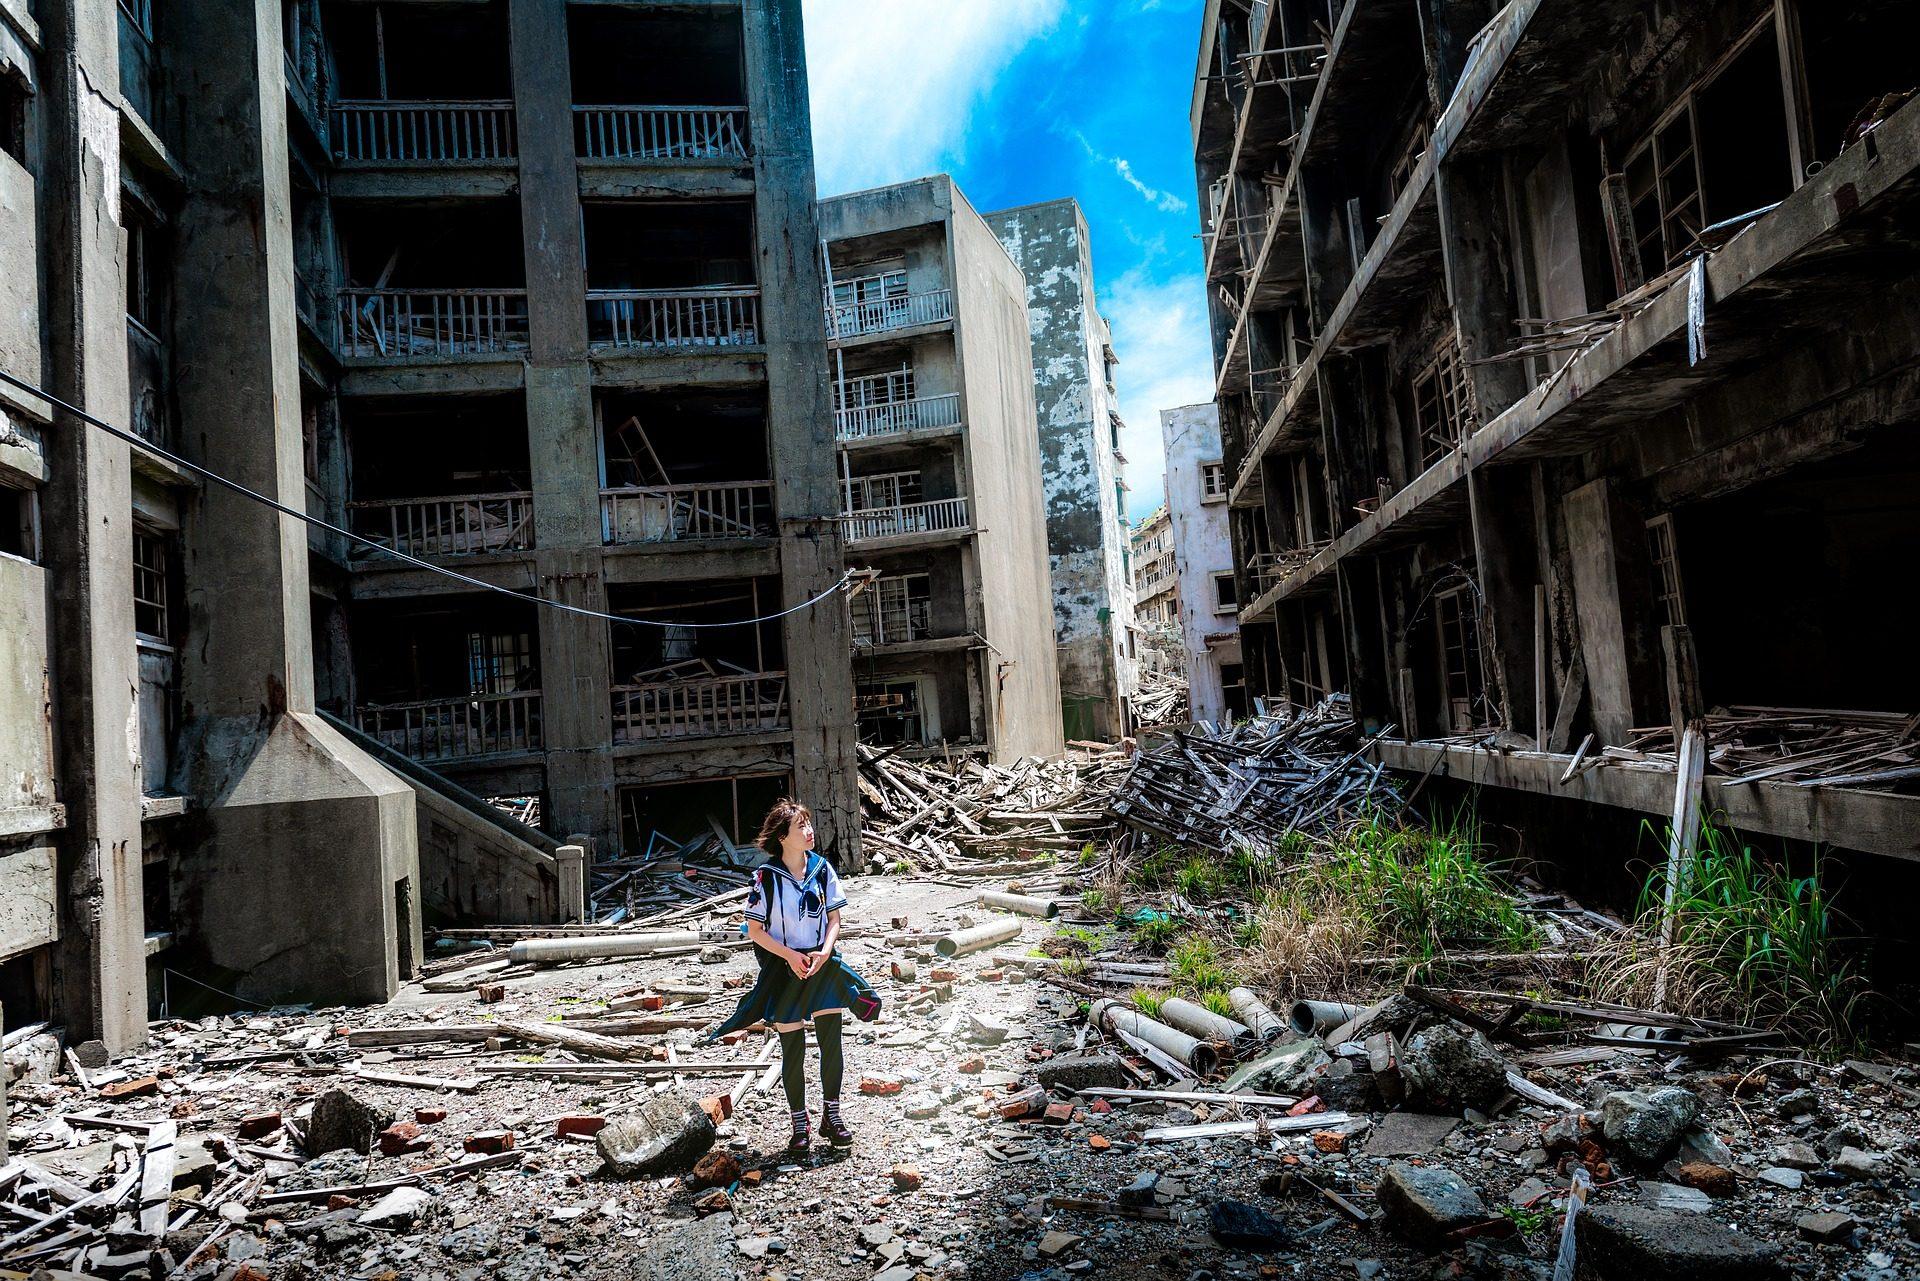 Ville, abandonné, détruit, désolation, femme, Nagasaki, Japon - Fonds d'écran HD - Professor-falken.com